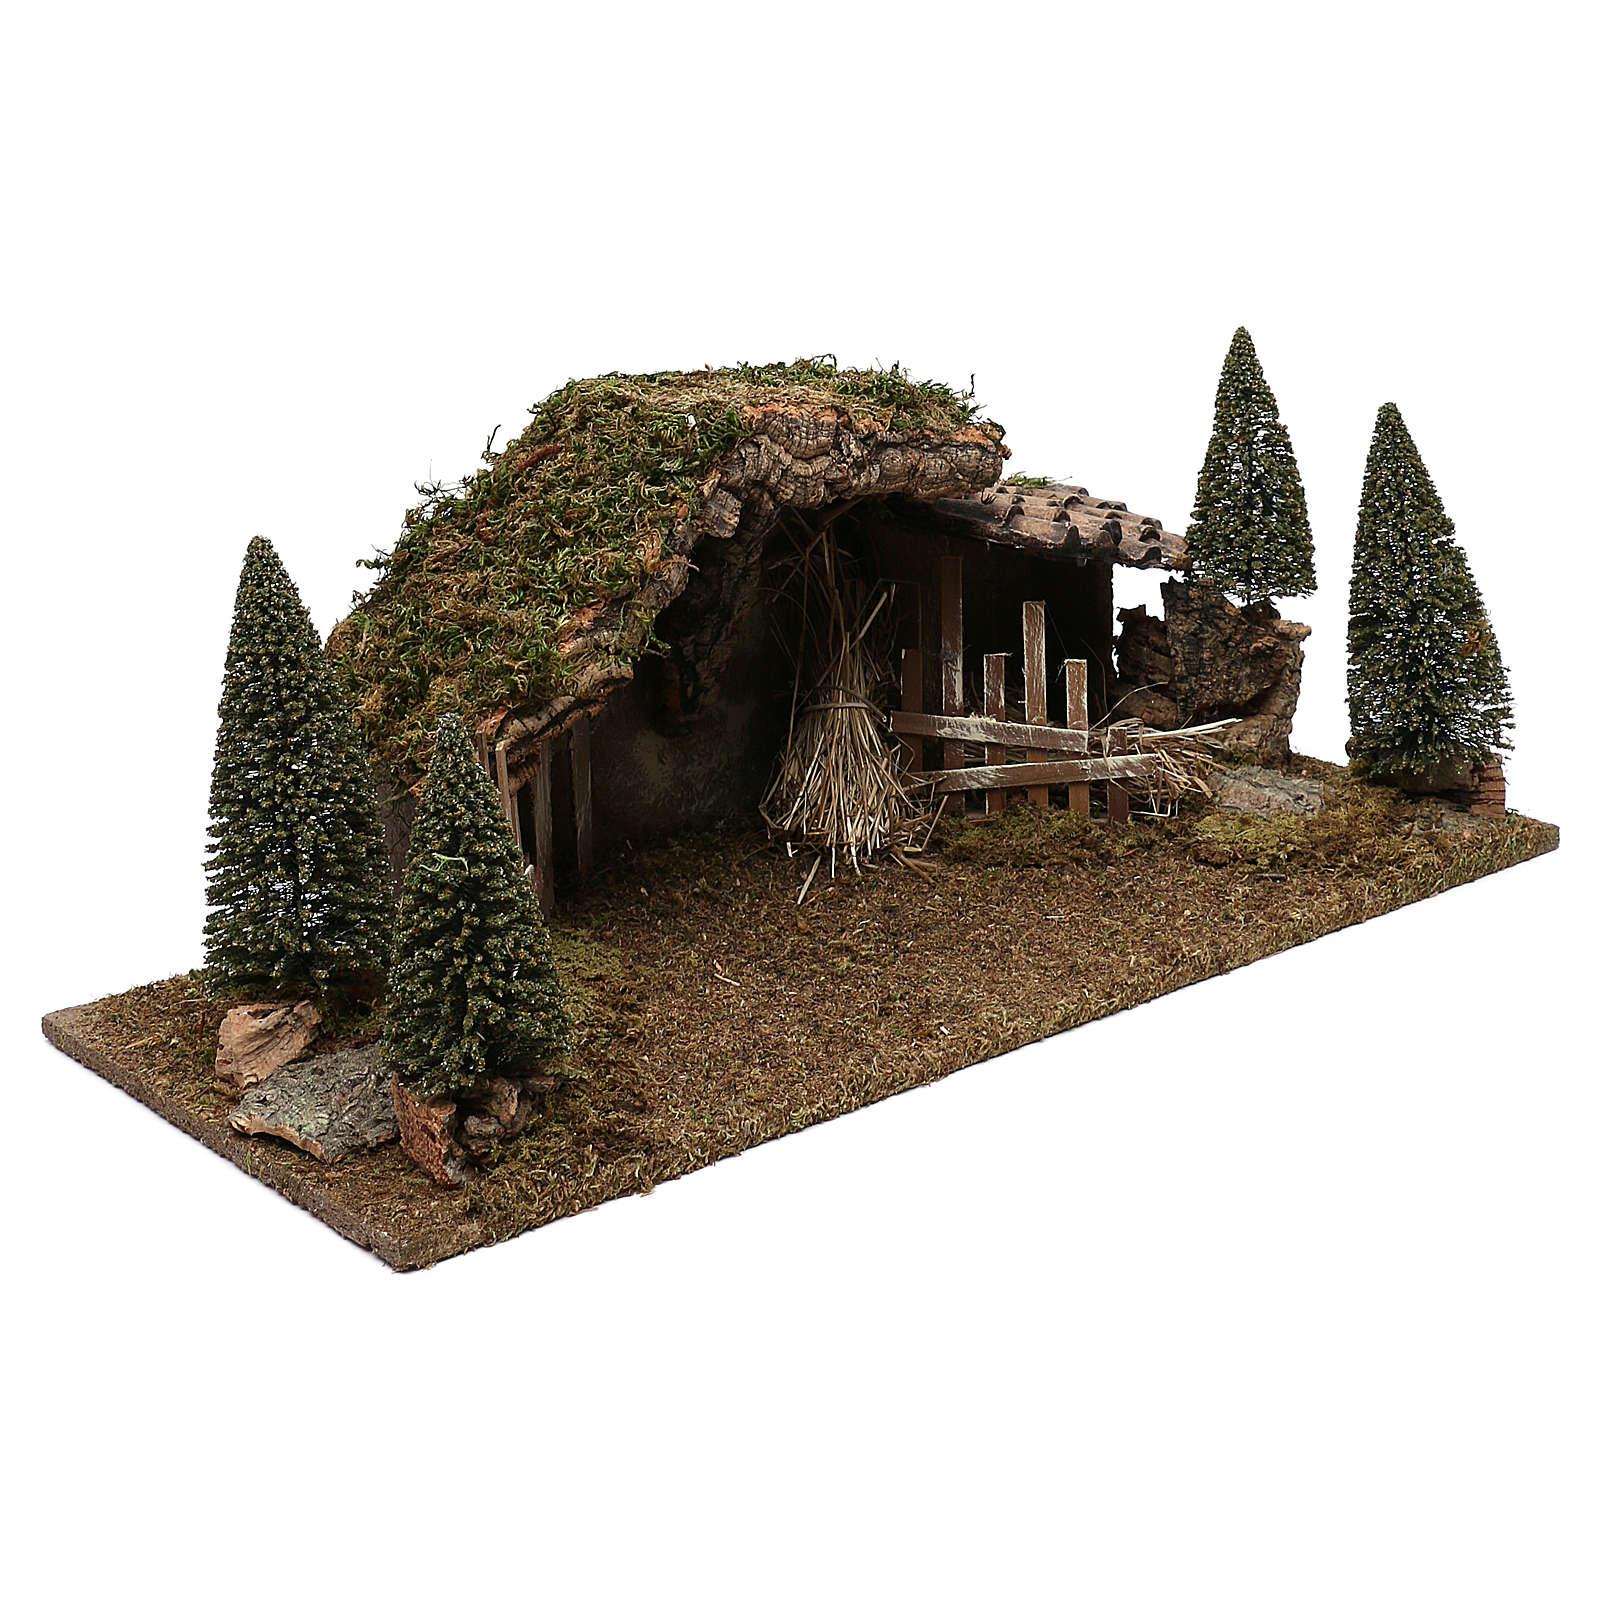 Cabane en bois fenil et sapins 20x60x25 cm 4